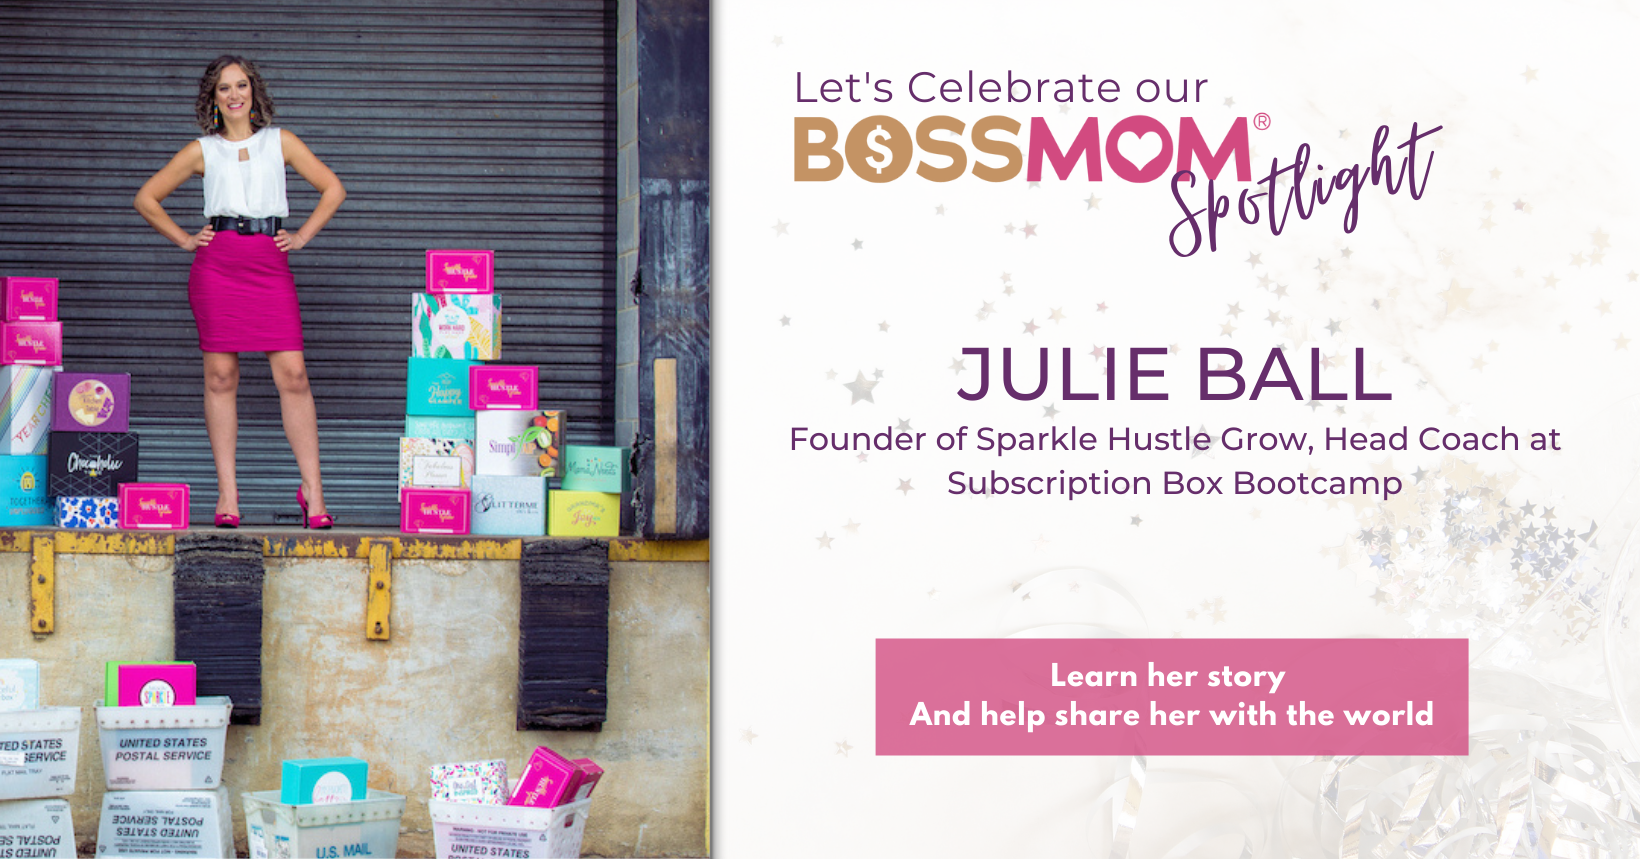 Boss Mom Spotlight Template (3)